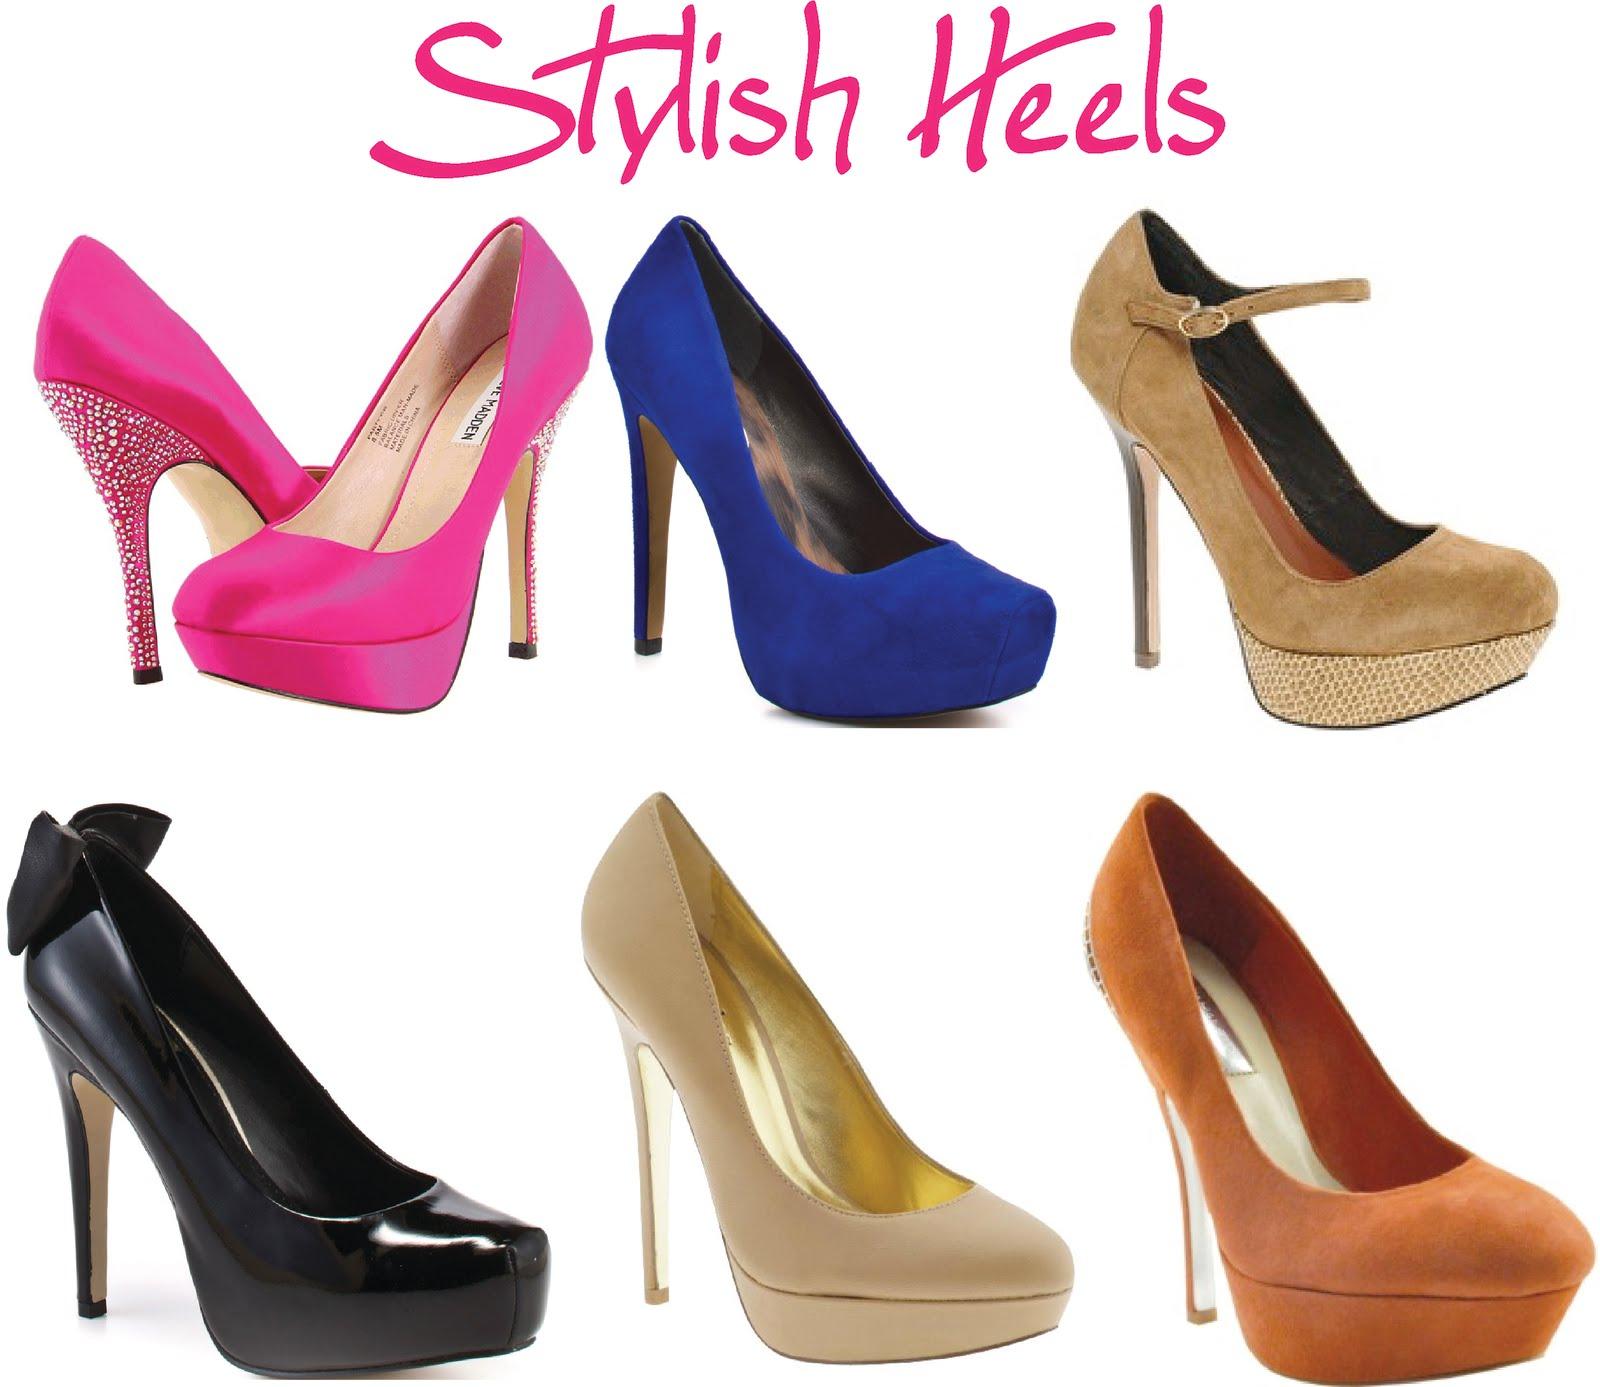 http://2.bp.blogspot.com/-0kcwtYgXF3g/Th5QJaVtHvI/AAAAAAAABpo/wYWNupzZvNM/s1600/stylish+heels.jpg